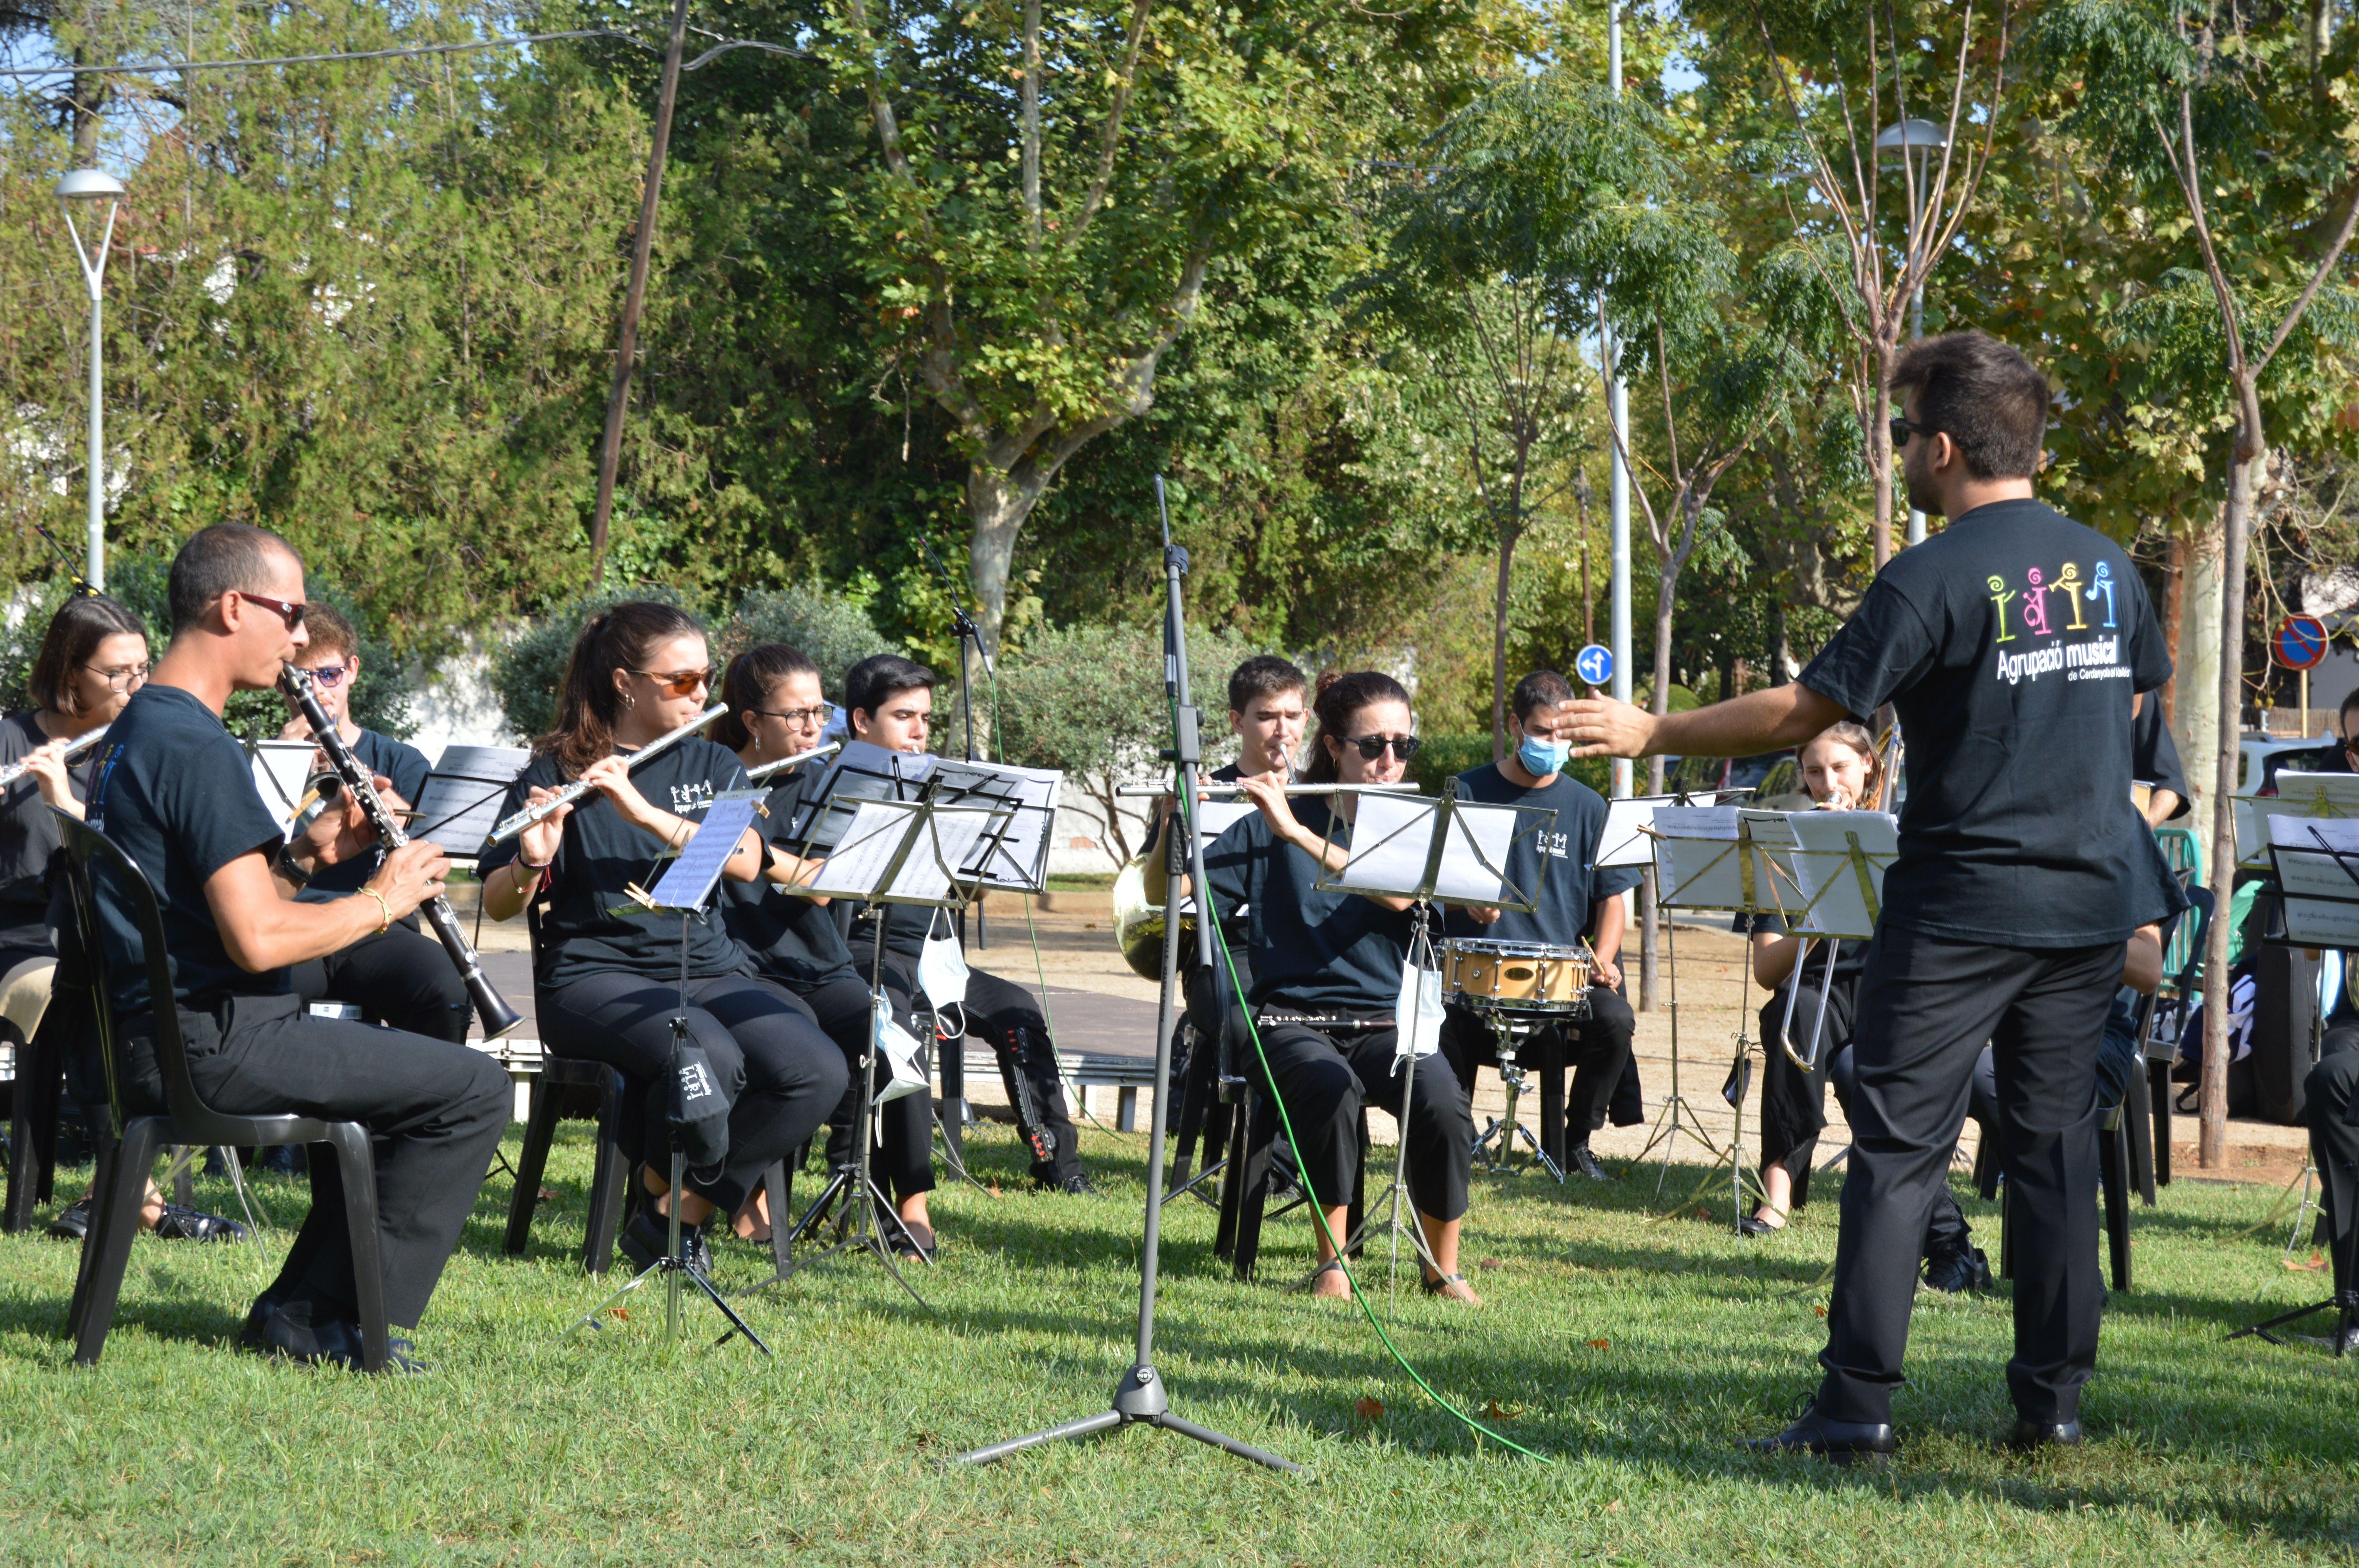 L'AMCV tocant a l'acte de la Diada. FOTO: Nora Muñoz